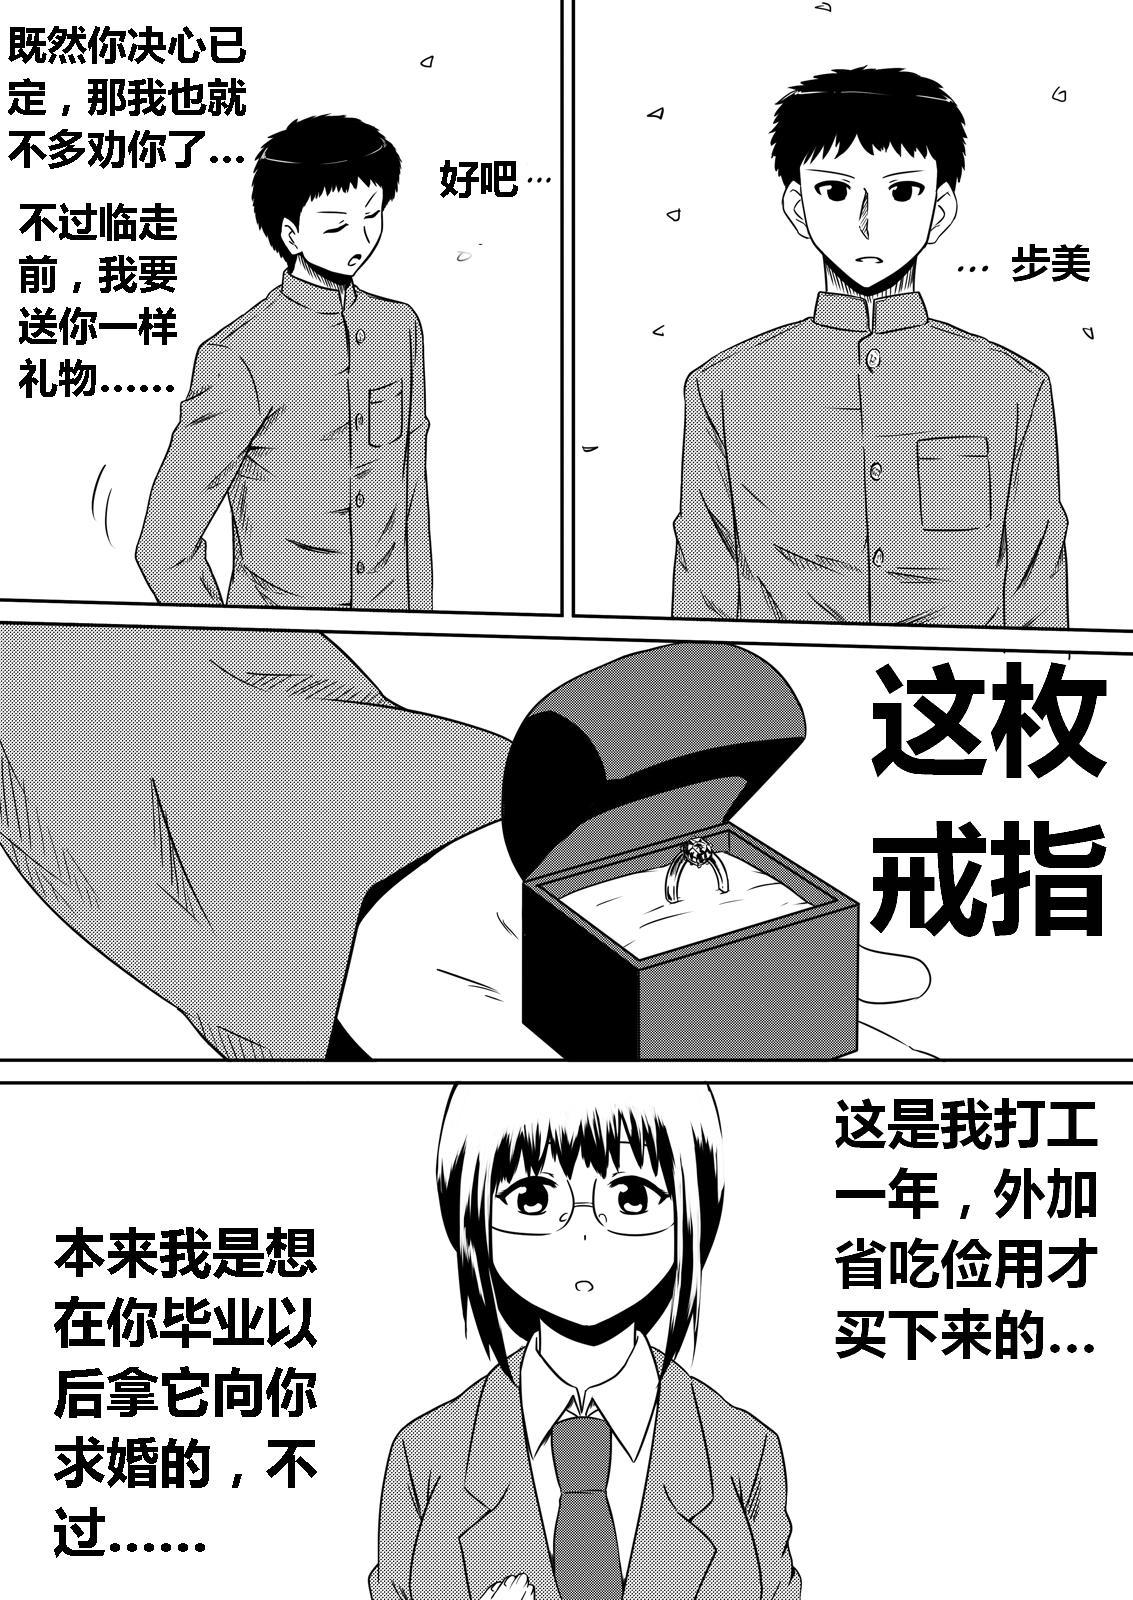 Ore no Kanojo ga Fuuzokujou ni Natta Riyuu | 女朋友下海拍片了 3